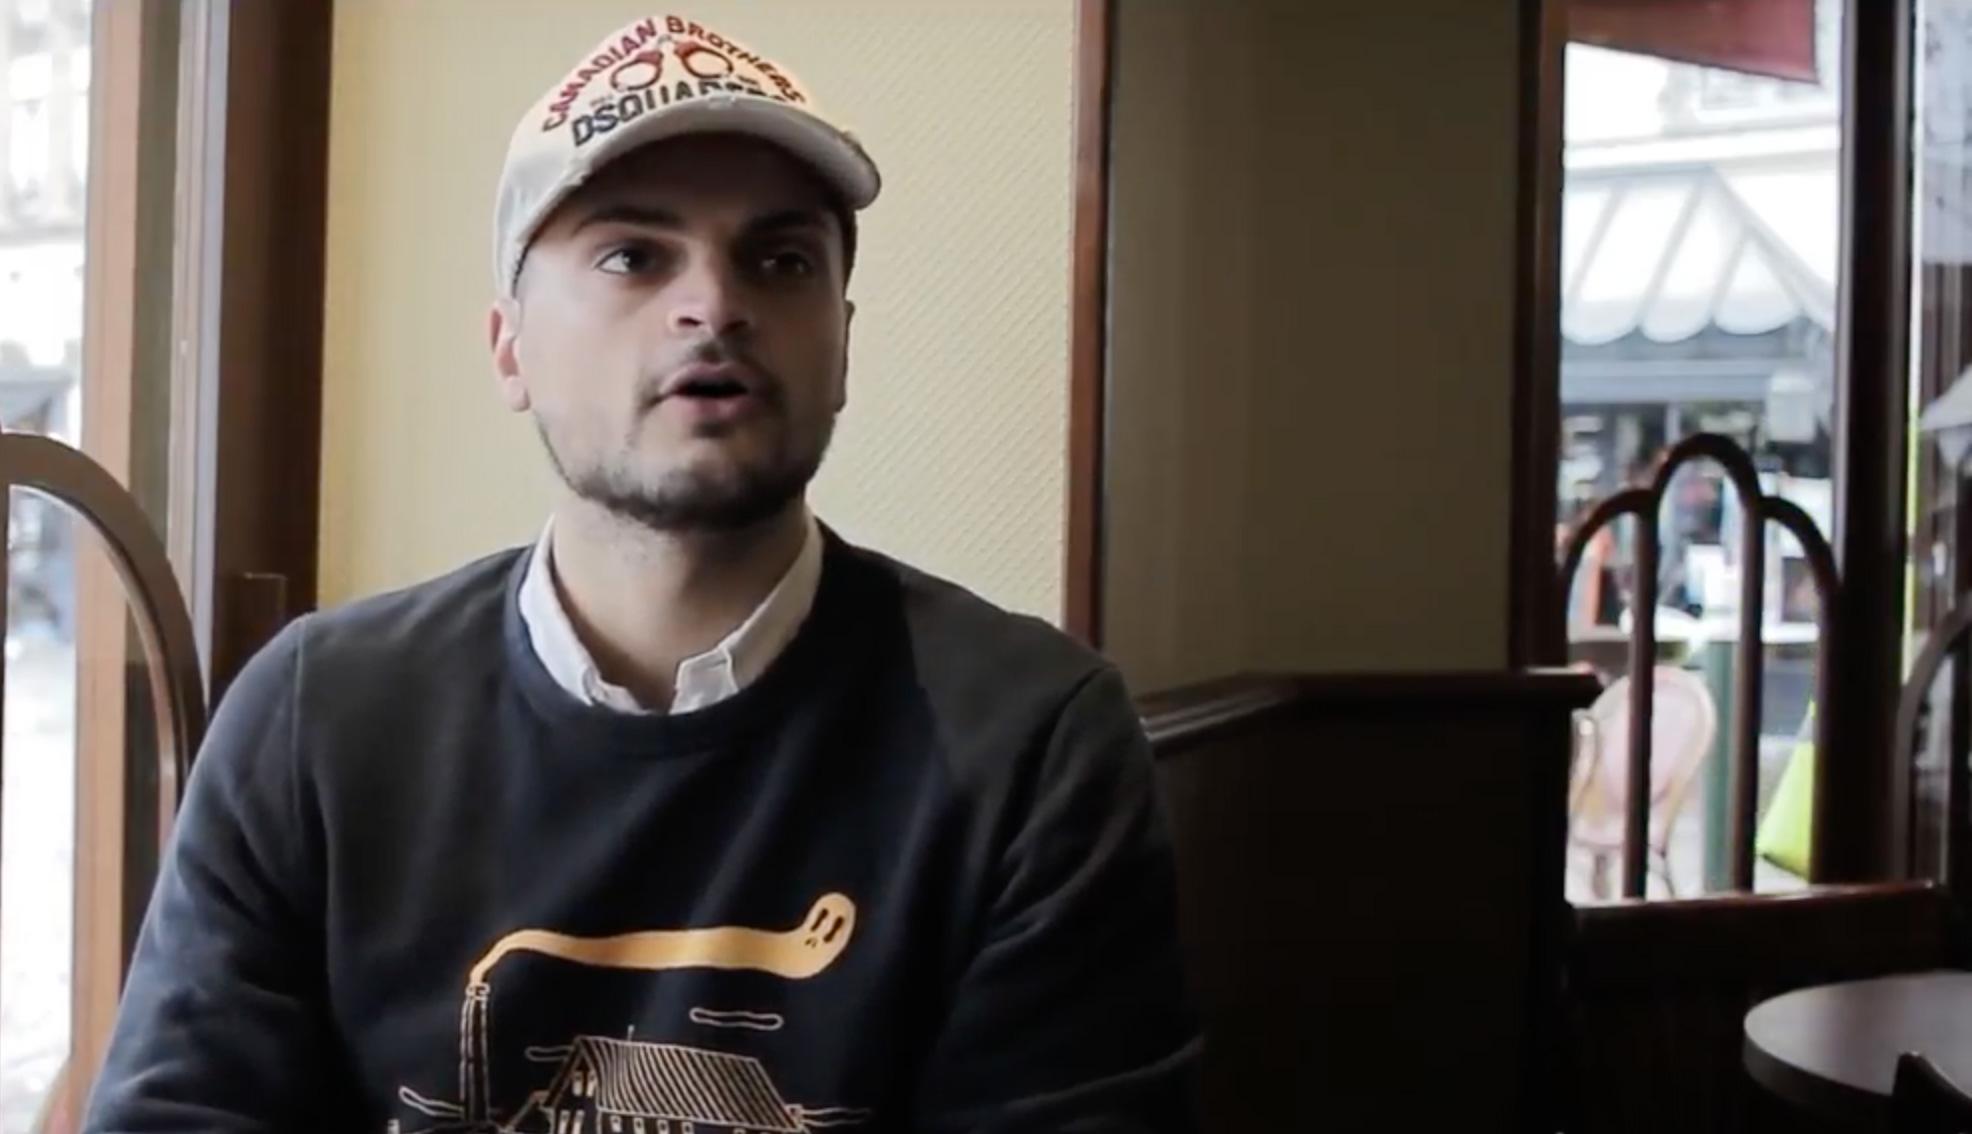 Les expressions belges du foot expliquées par un journaliste de RMC